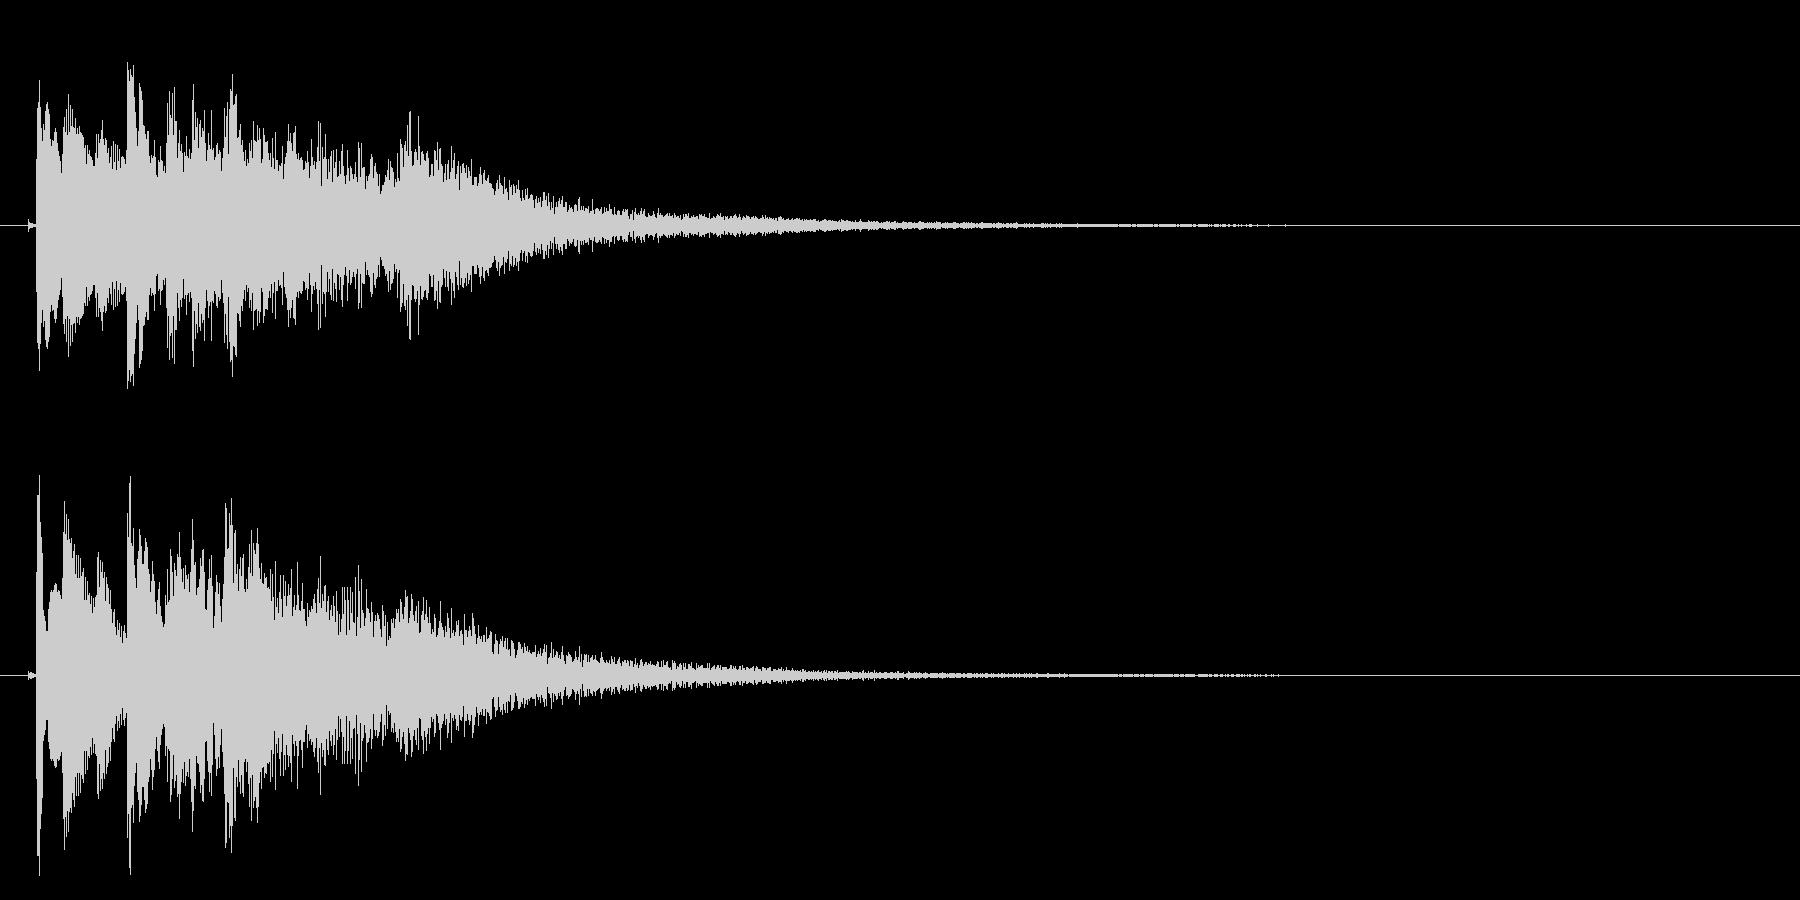 琴のフレーズ1☆調律1の未再生の波形